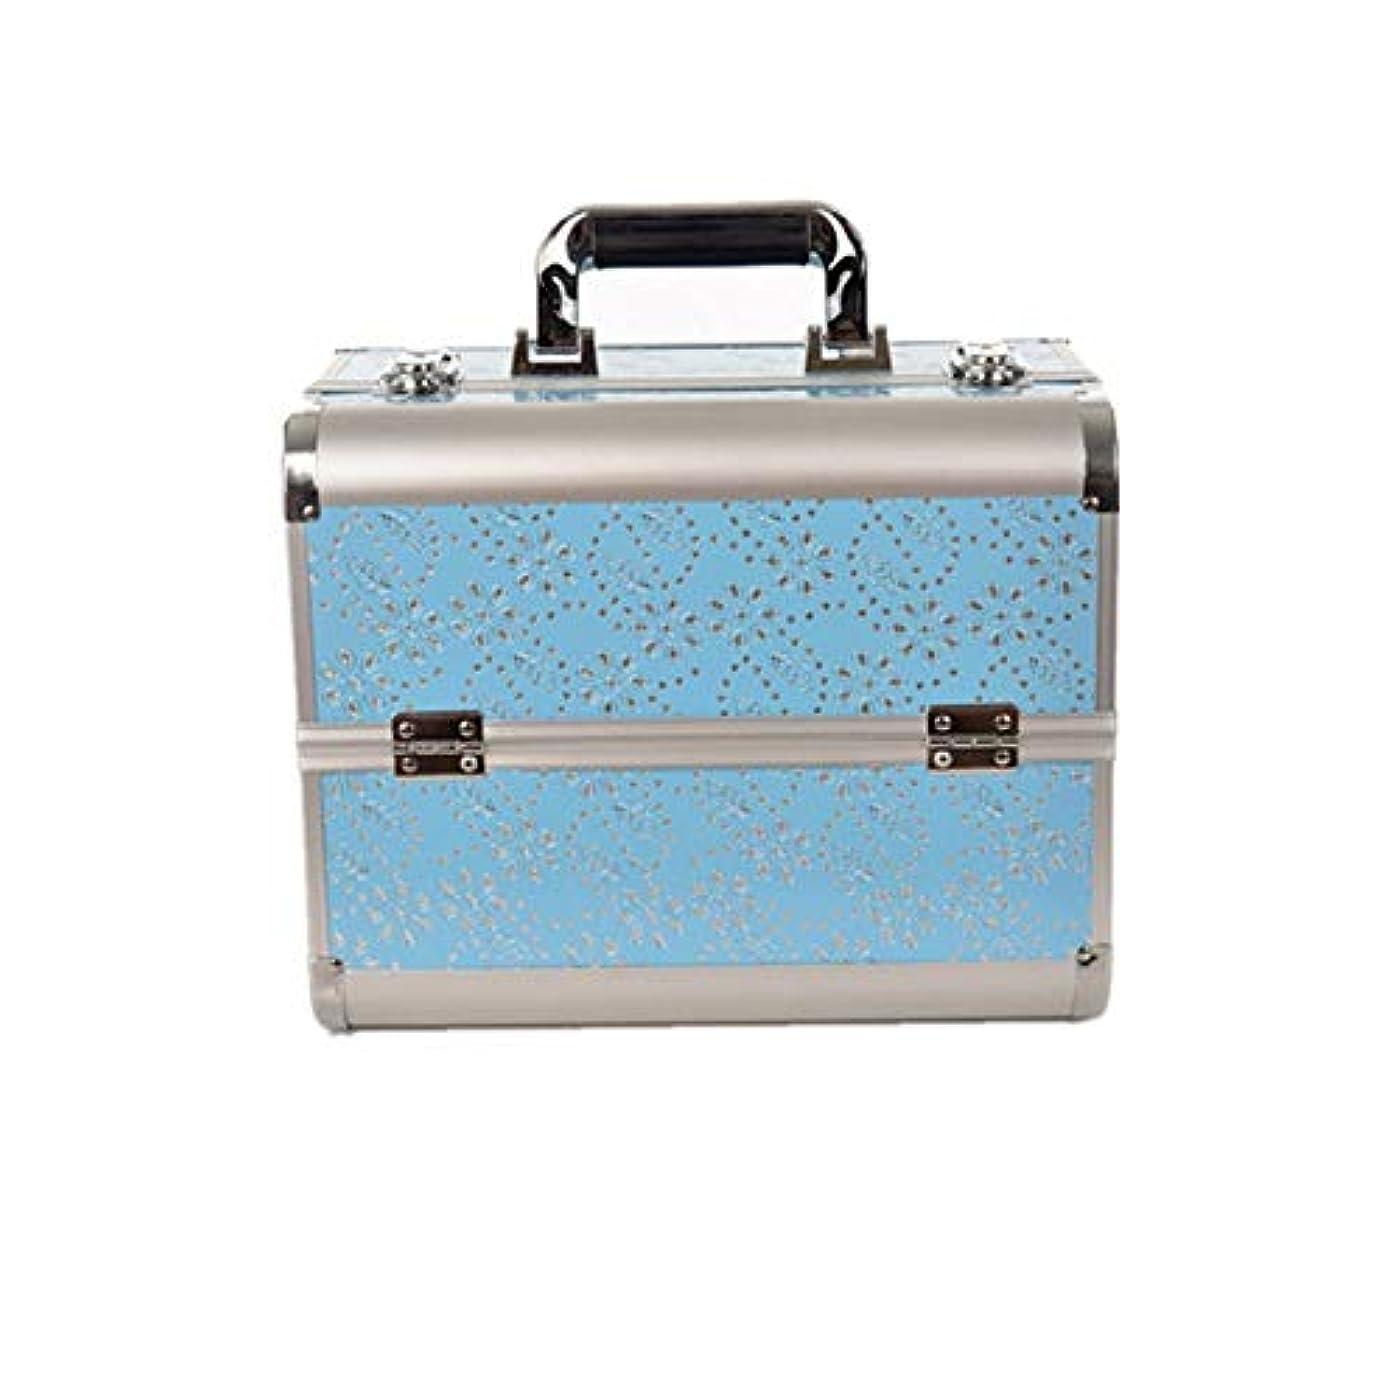 プロペラボルト田舎化粧オーガナイザーバッグ 大容量ポータブル化粧ケース(トラベルアクセサリー用)シャンプーボディウォッシュパーソナルアイテム収納式 化粧品ケース